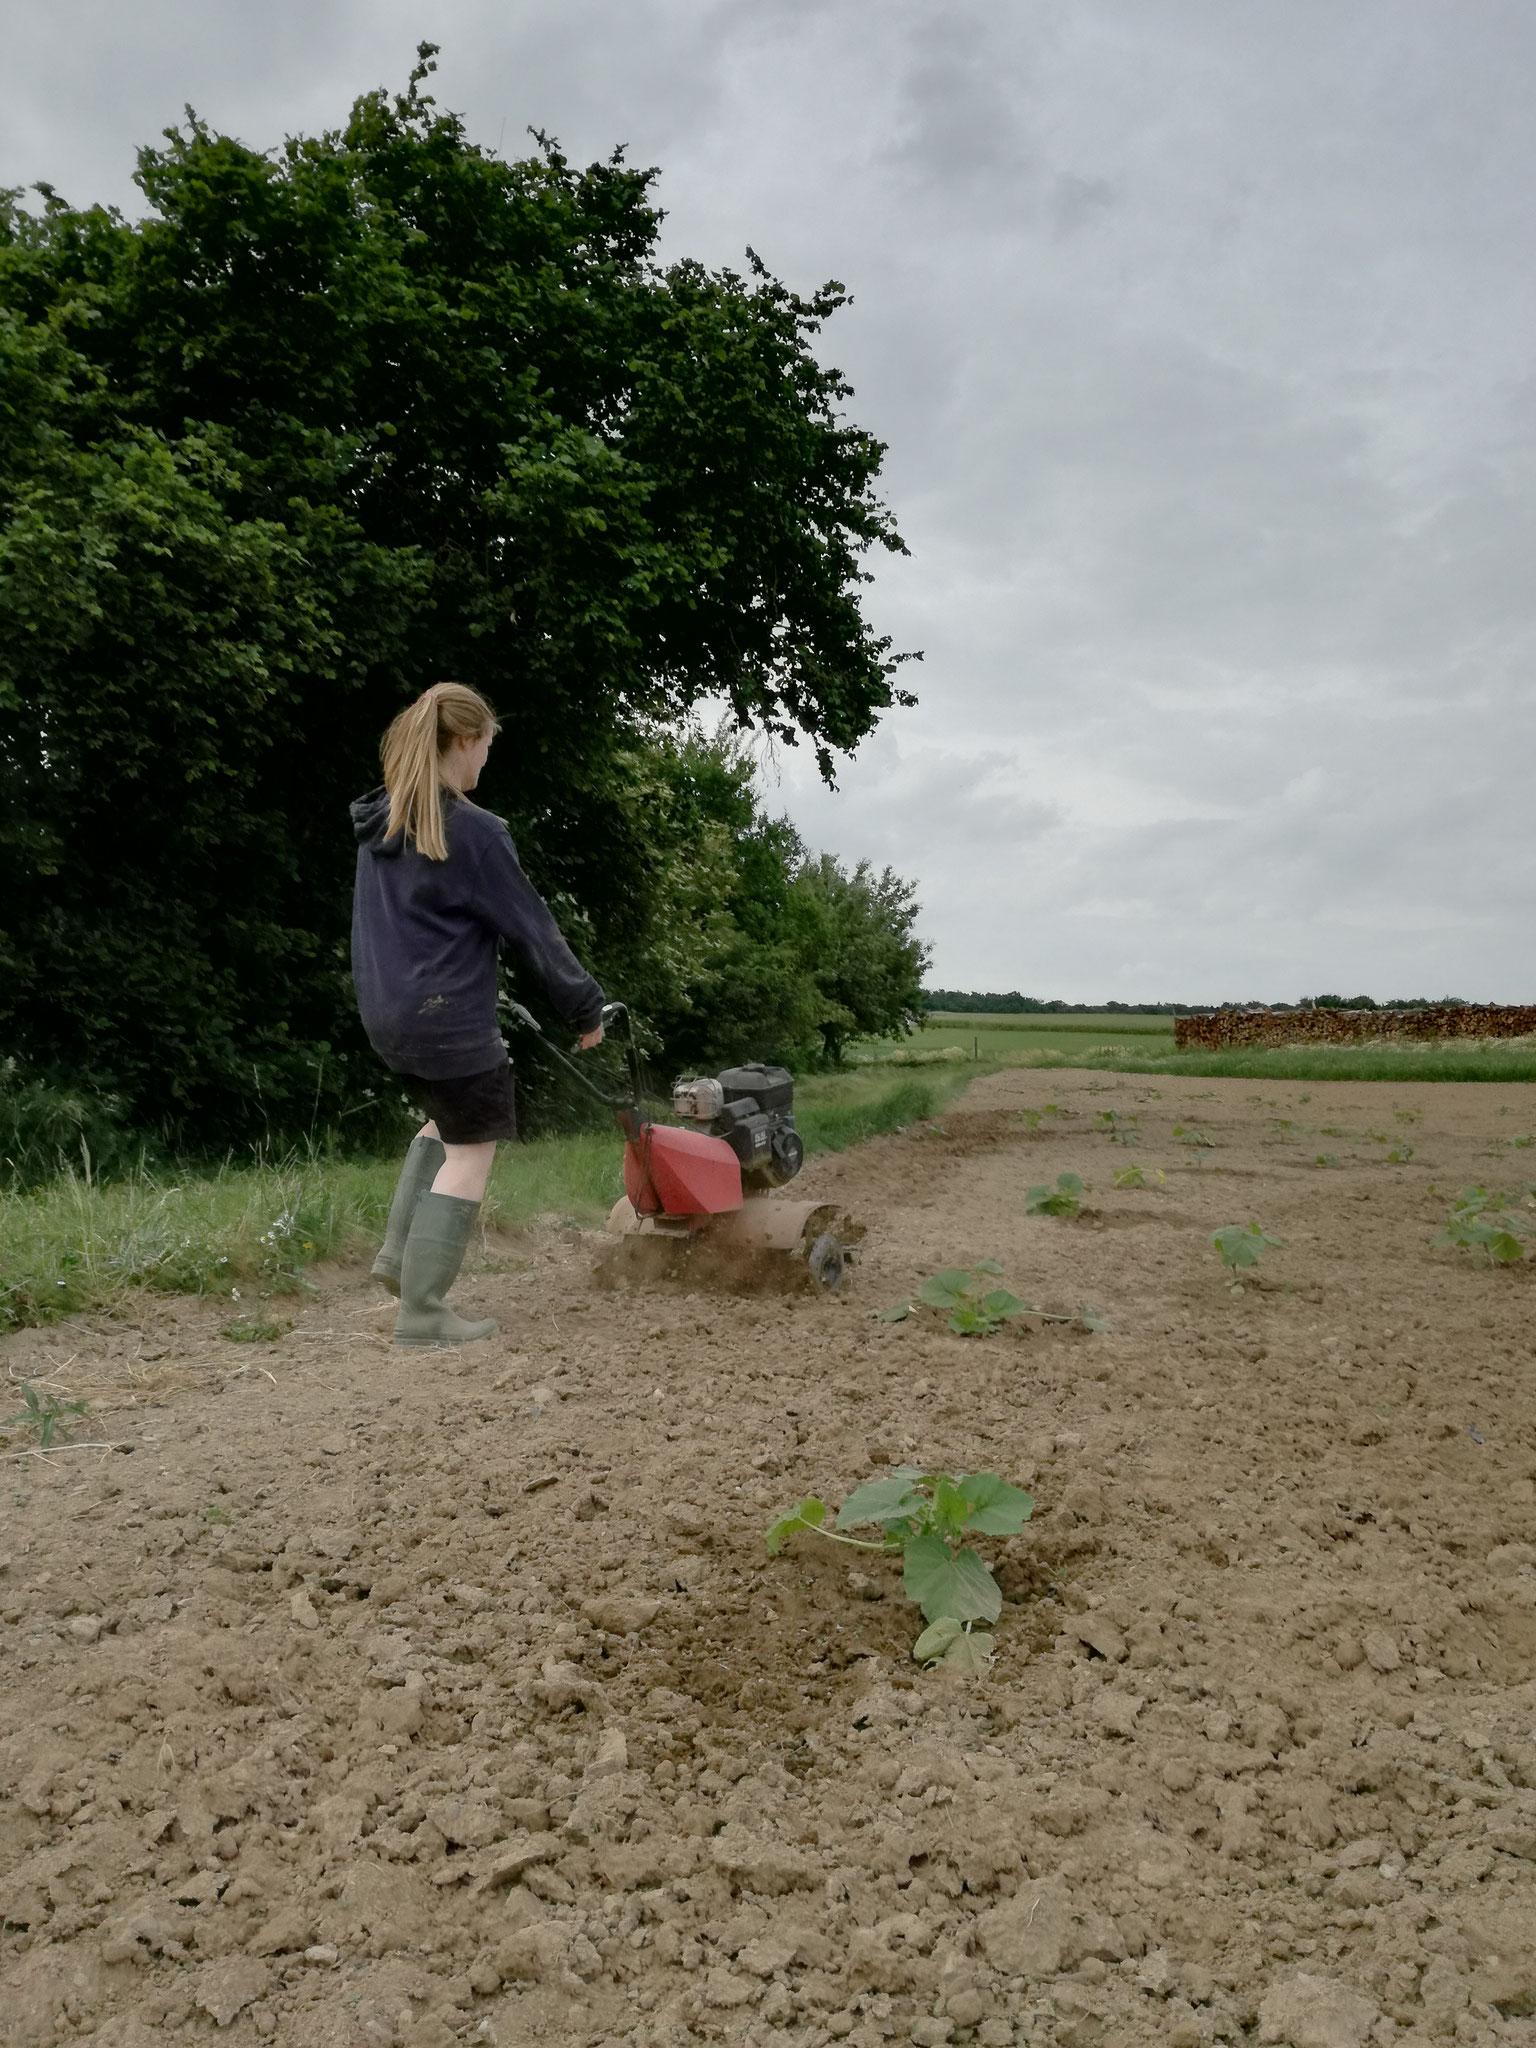 Das Unkraut wird gehackt, denn es werden keine Pestizide verwendet.